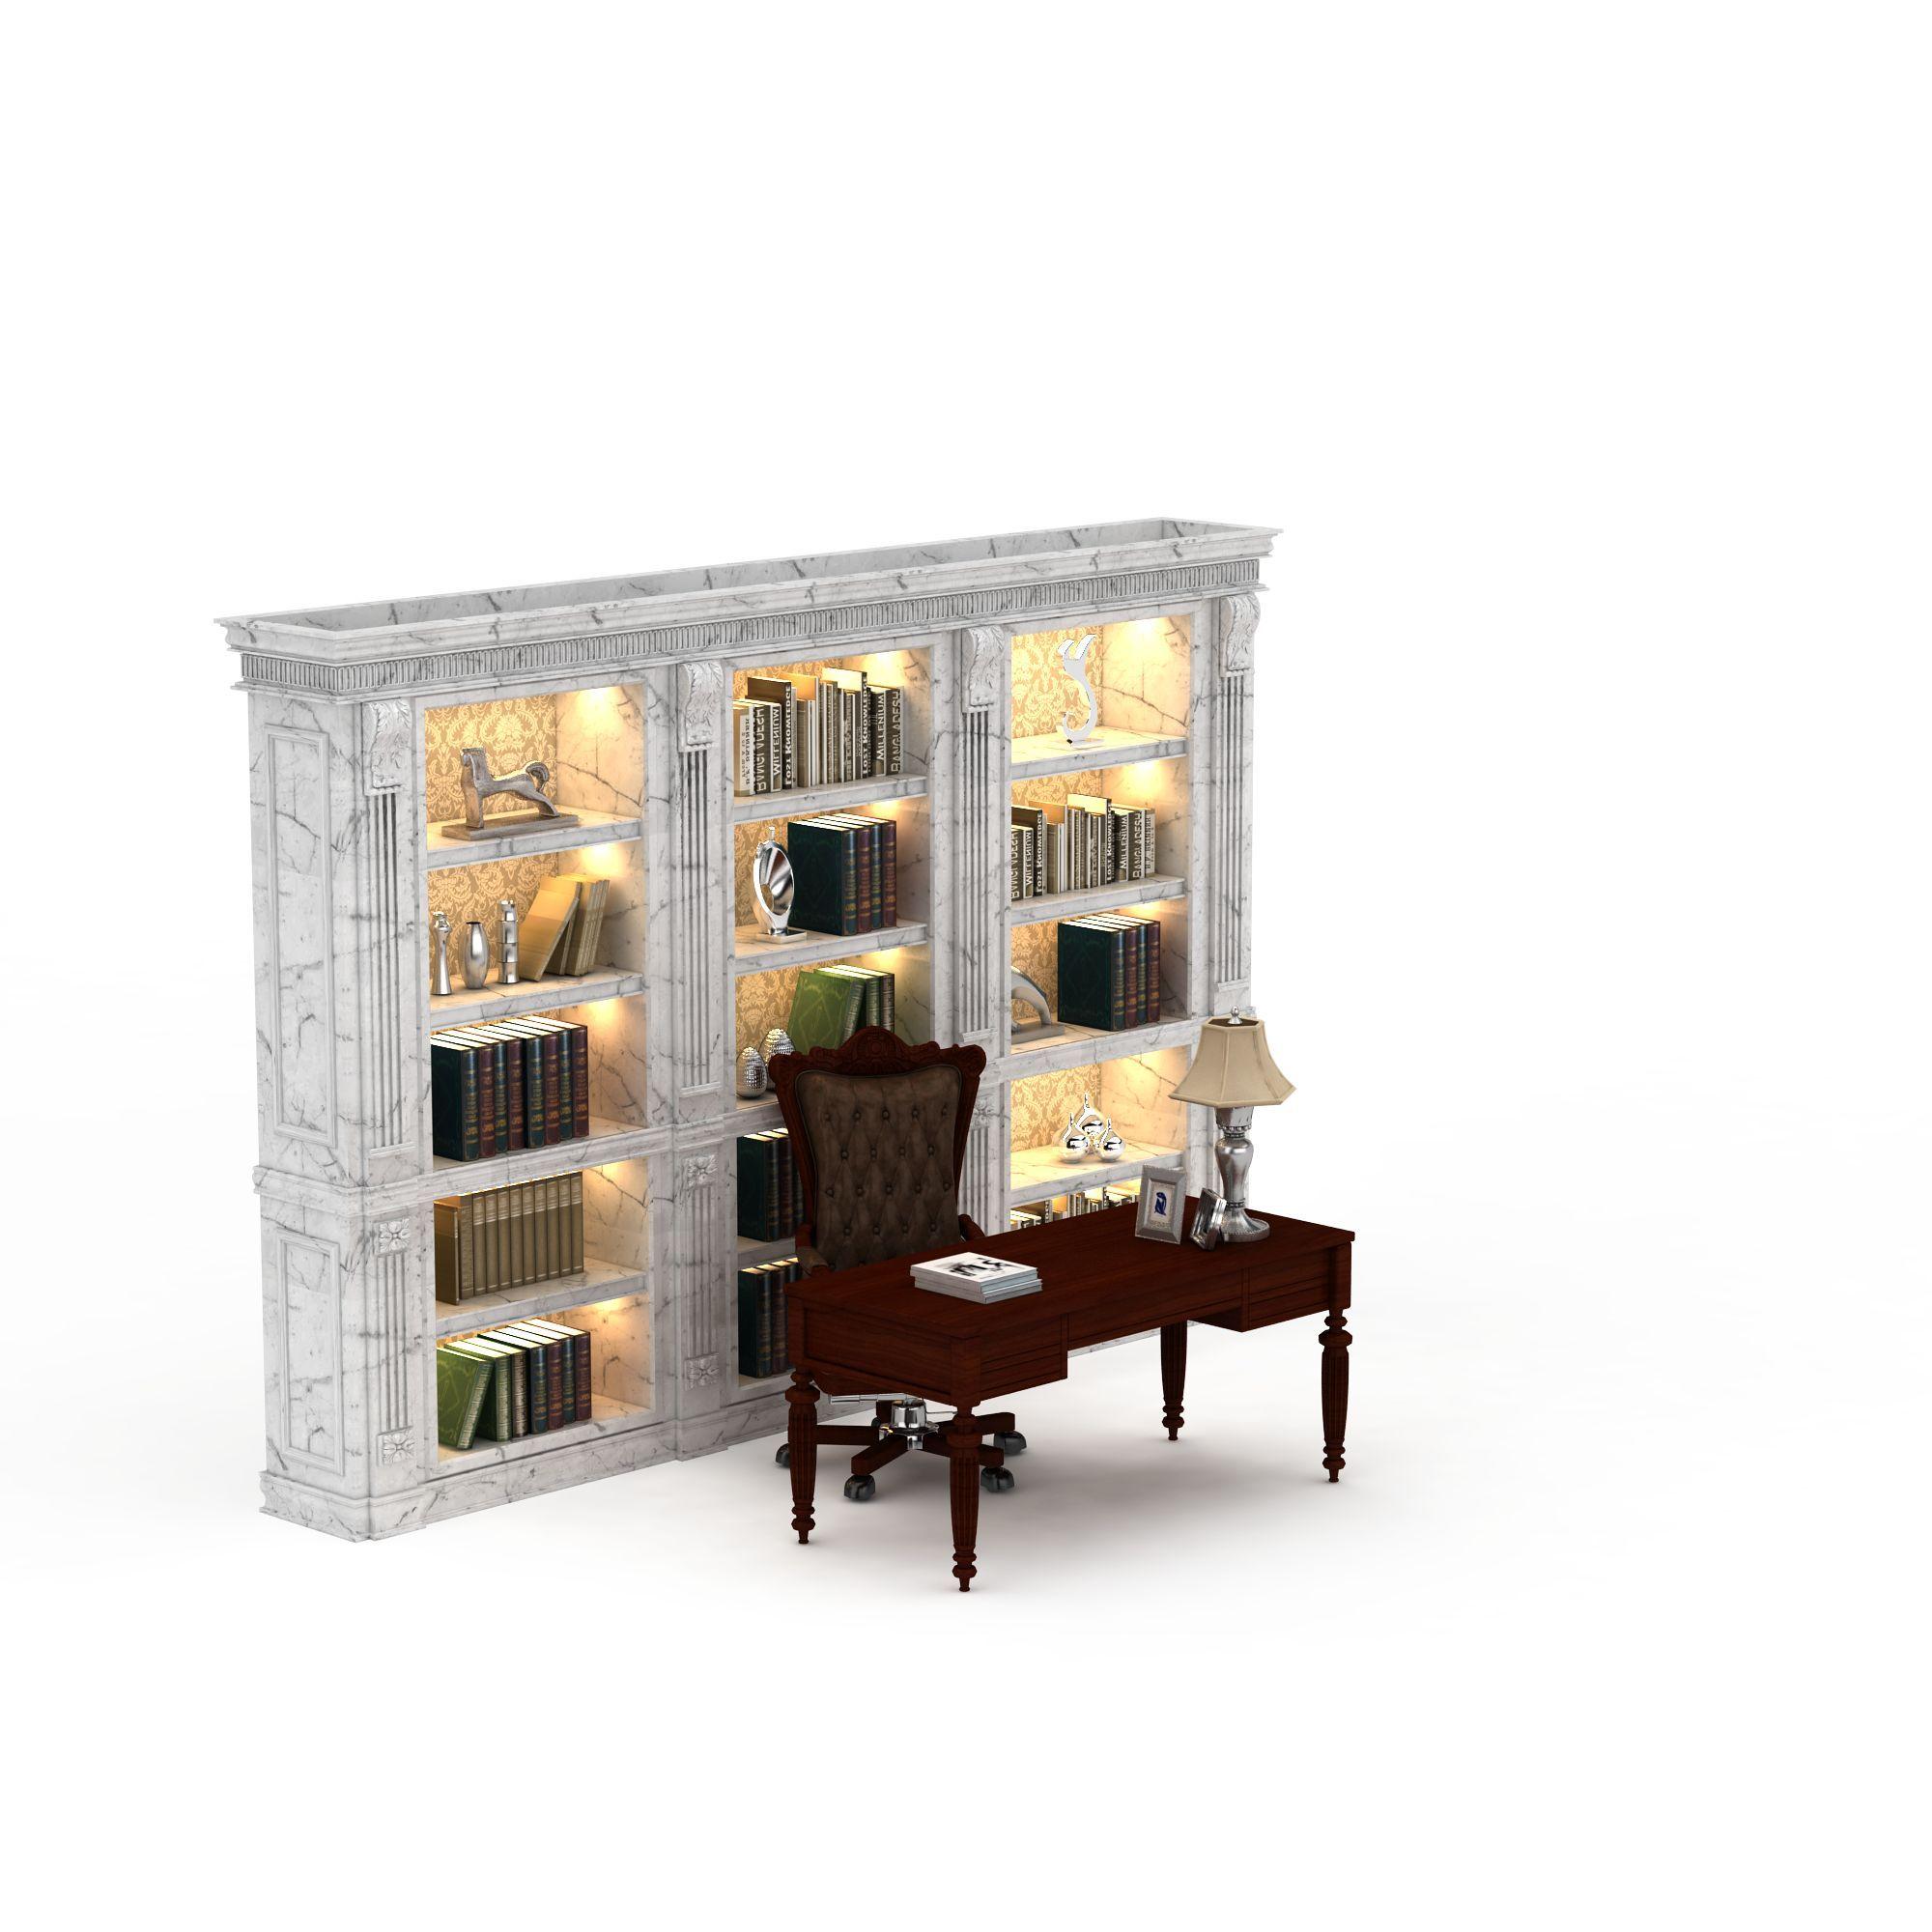 现代 上传时间 2015/12/24  关键词:书柜3d模型办公室书柜3d模型简欧